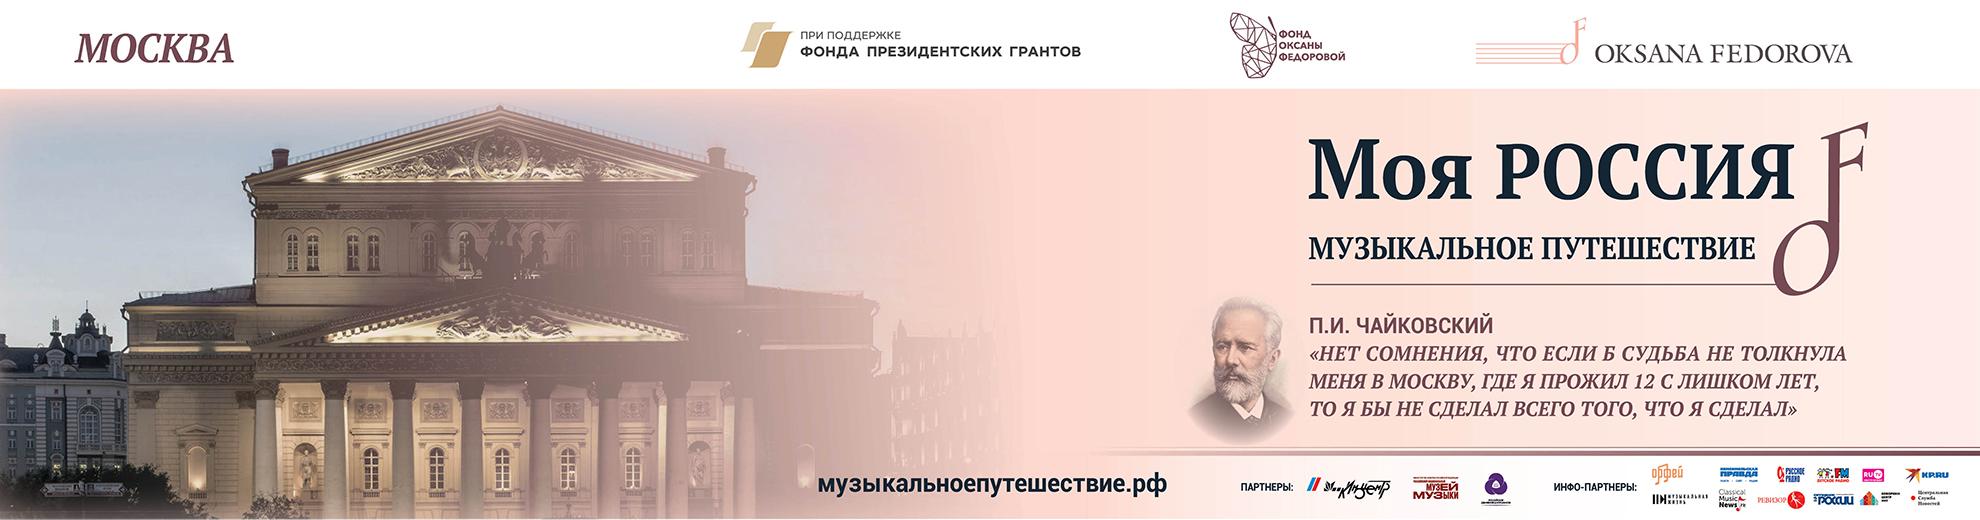 1950_520_Москва_композиторы